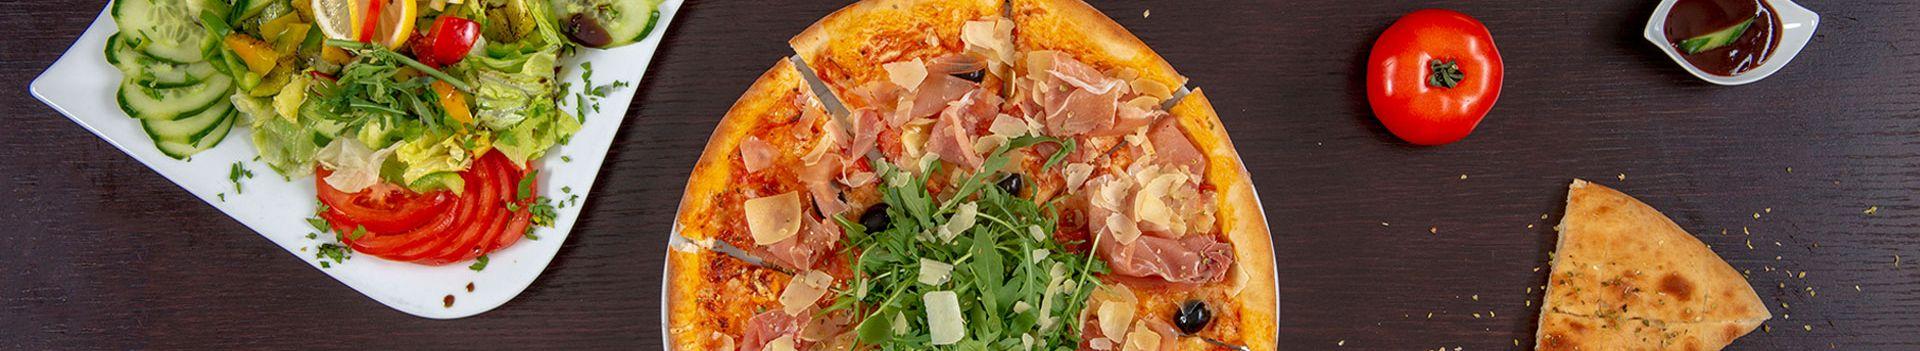 Pizzeria Volta Lieferservice in Graz